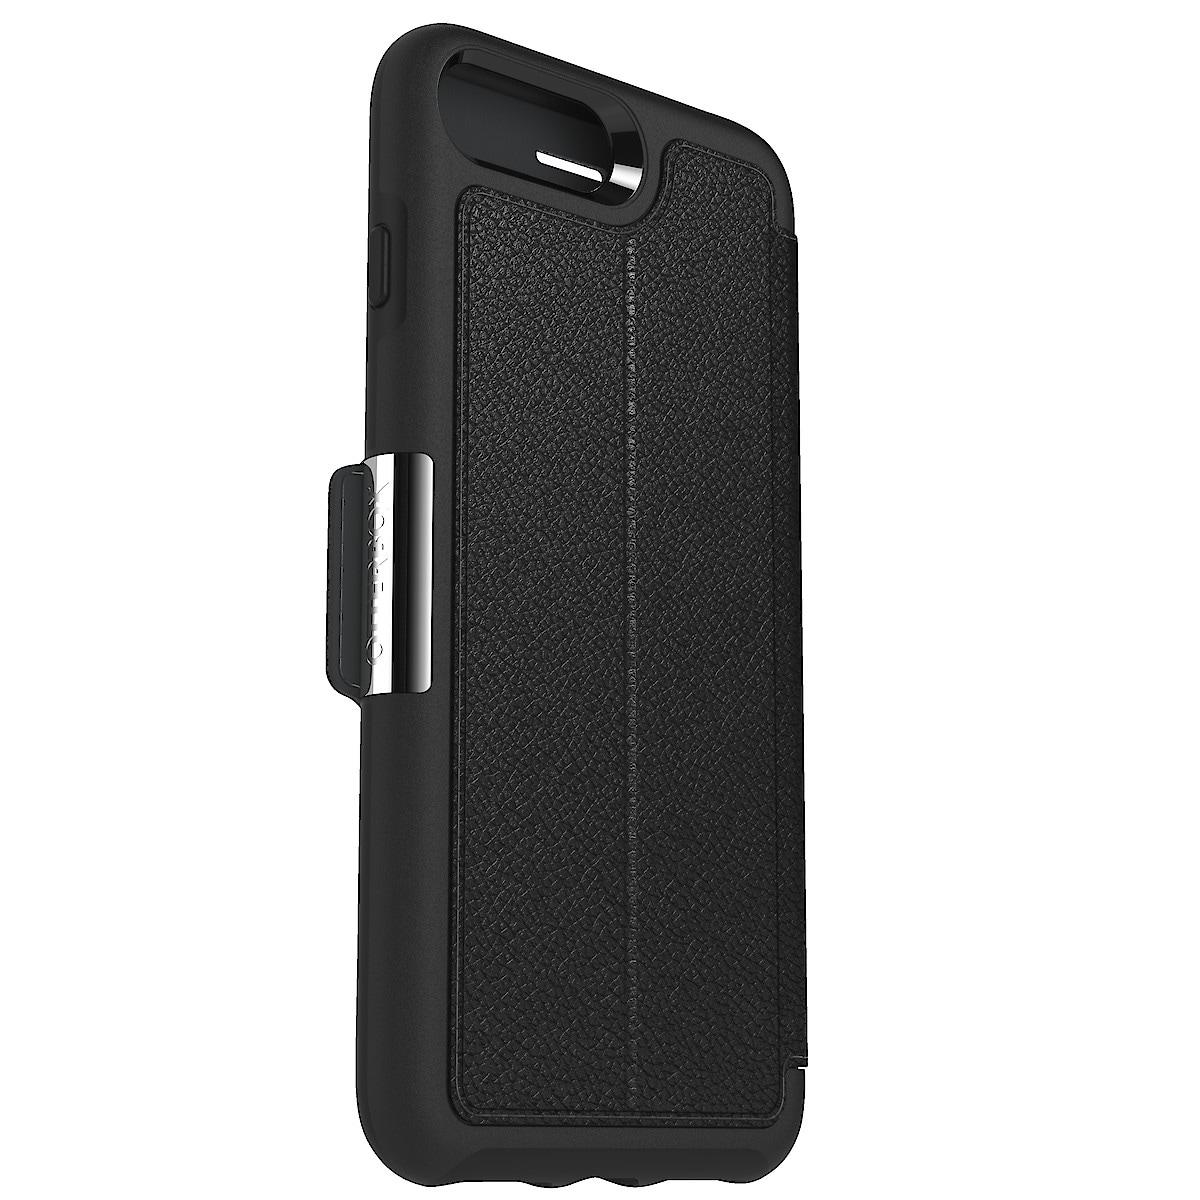 Schutzhülle für iPhone 7 Plus, Otterbox Strada